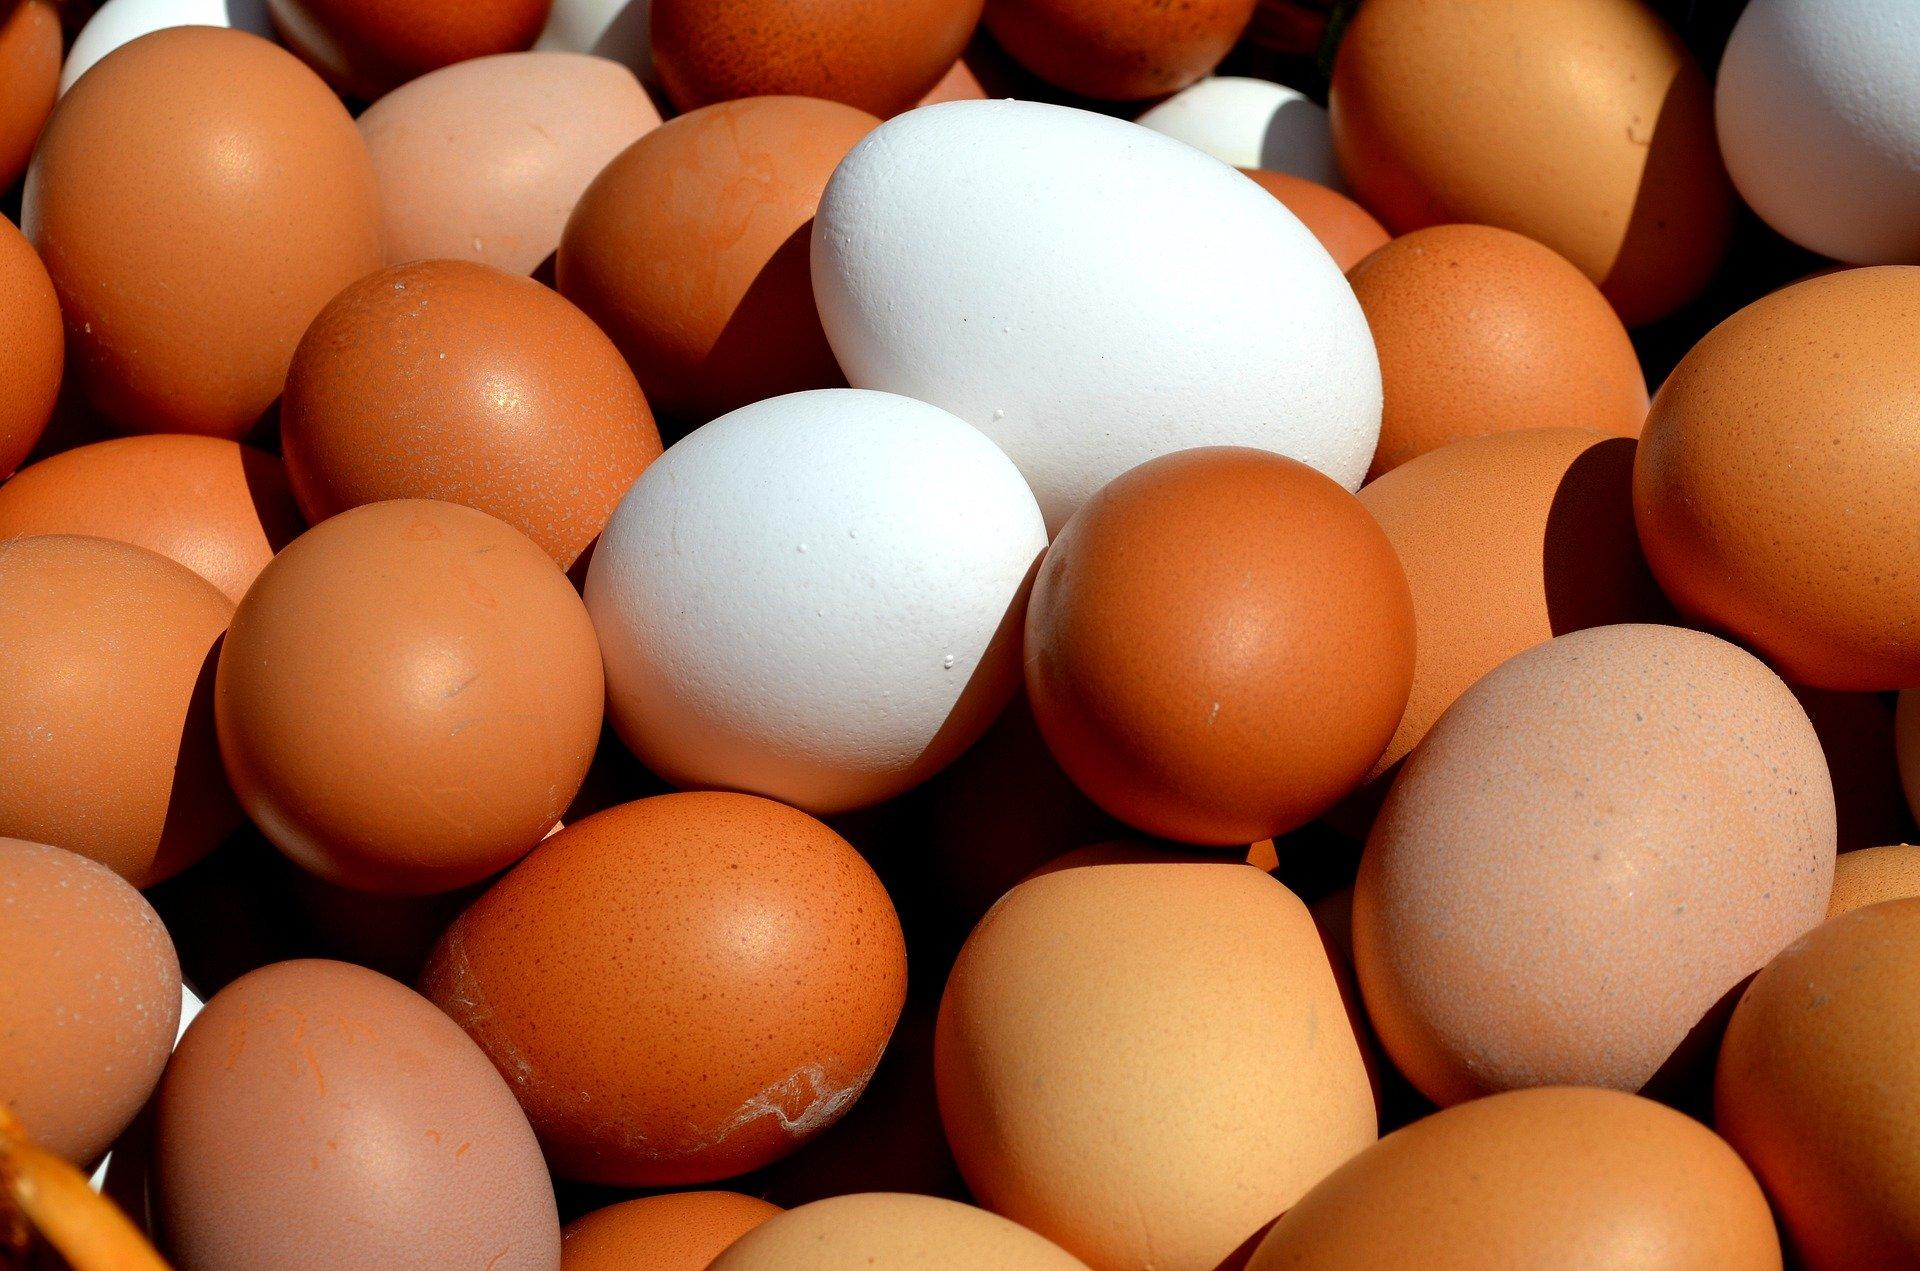 Wochenmarkt Norderney Eier